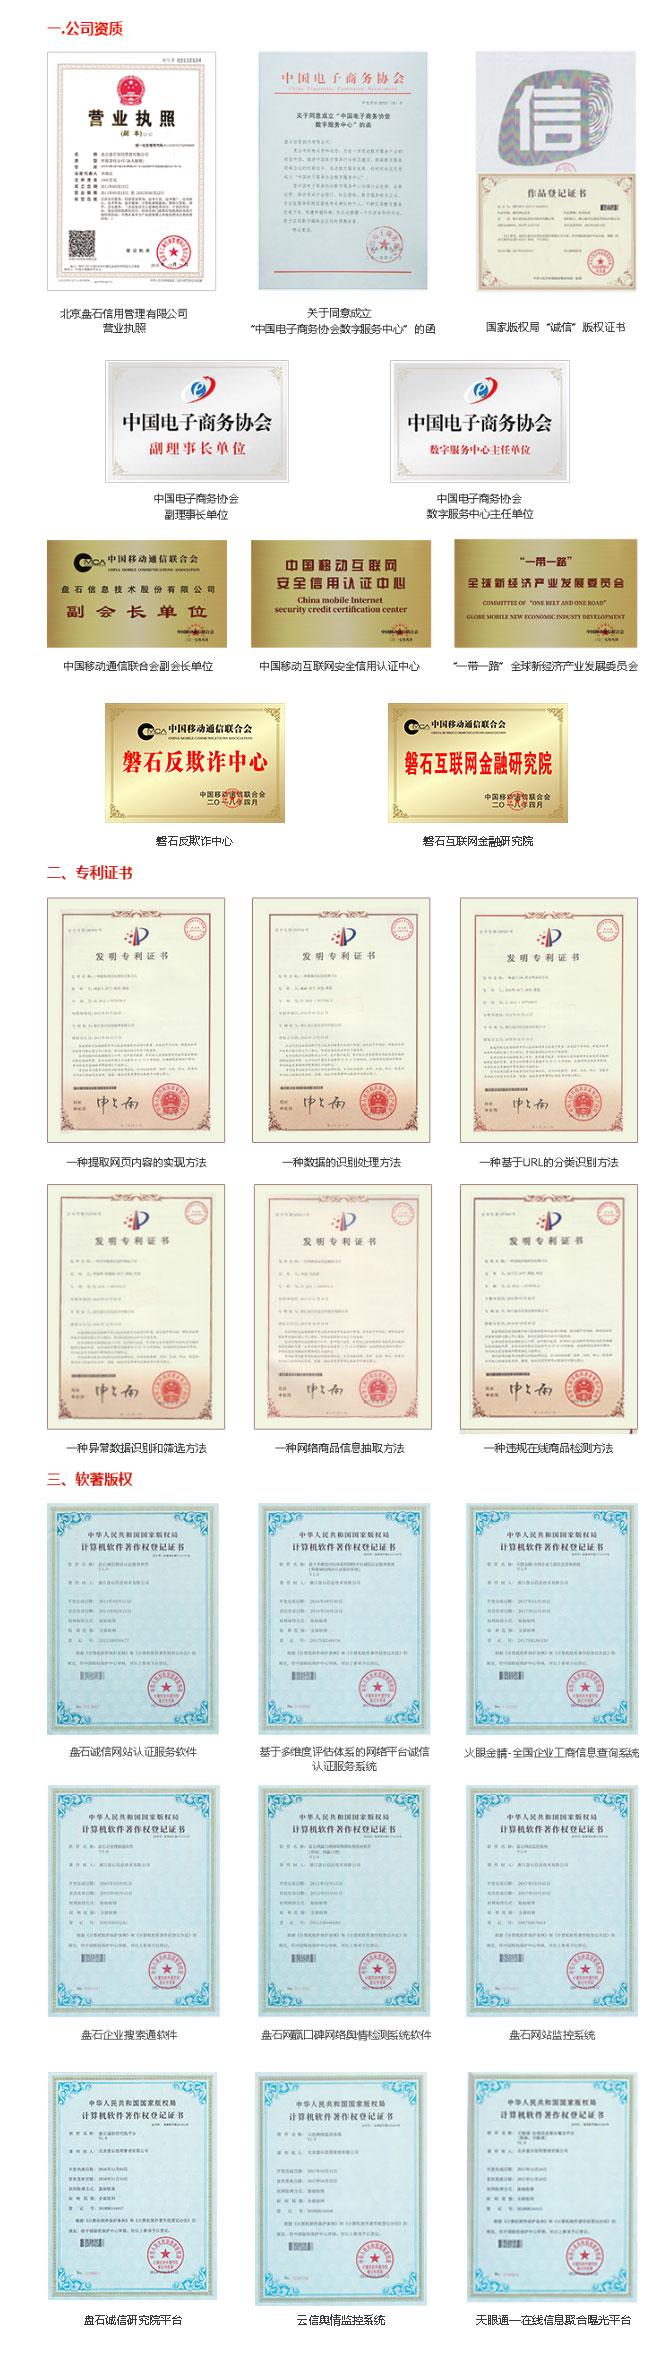 认证资质-互联网信用认证平台111.jpg